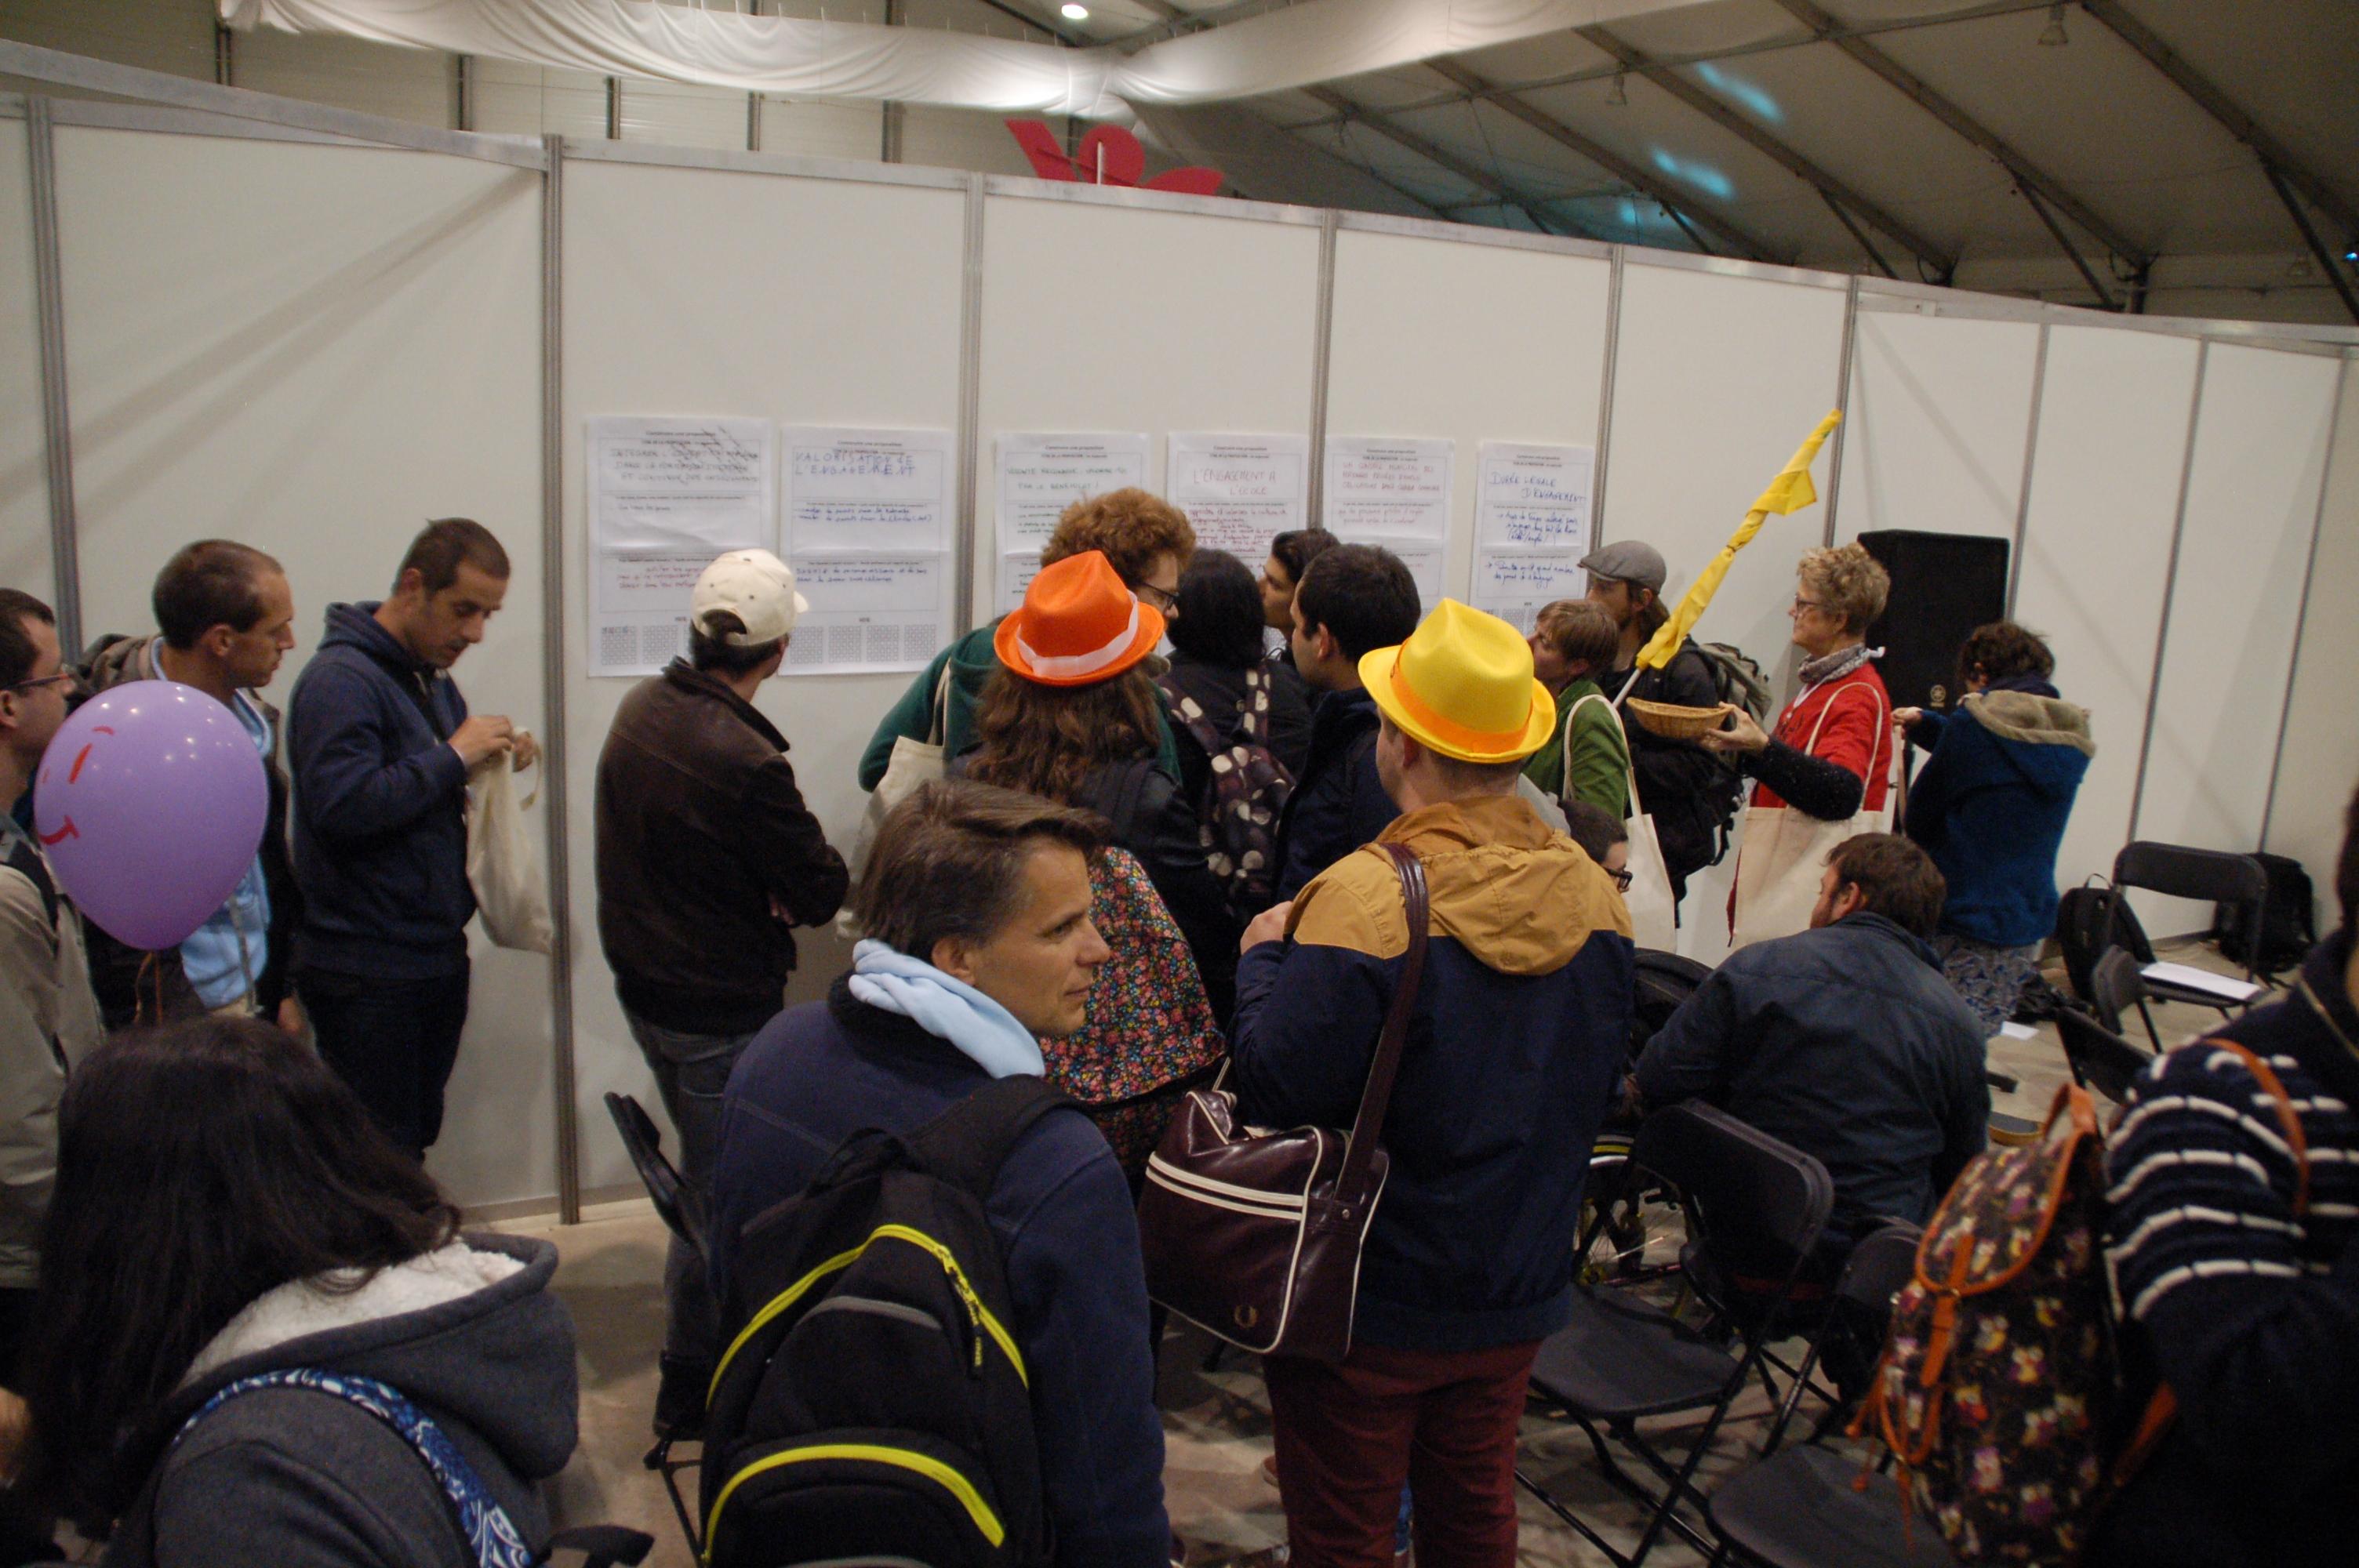 Permettre des rencontres d'échange sur la vie de l'entreprise à l'initiative des travailleurs·euses - Jeunesse Ouvrière Chrétienne